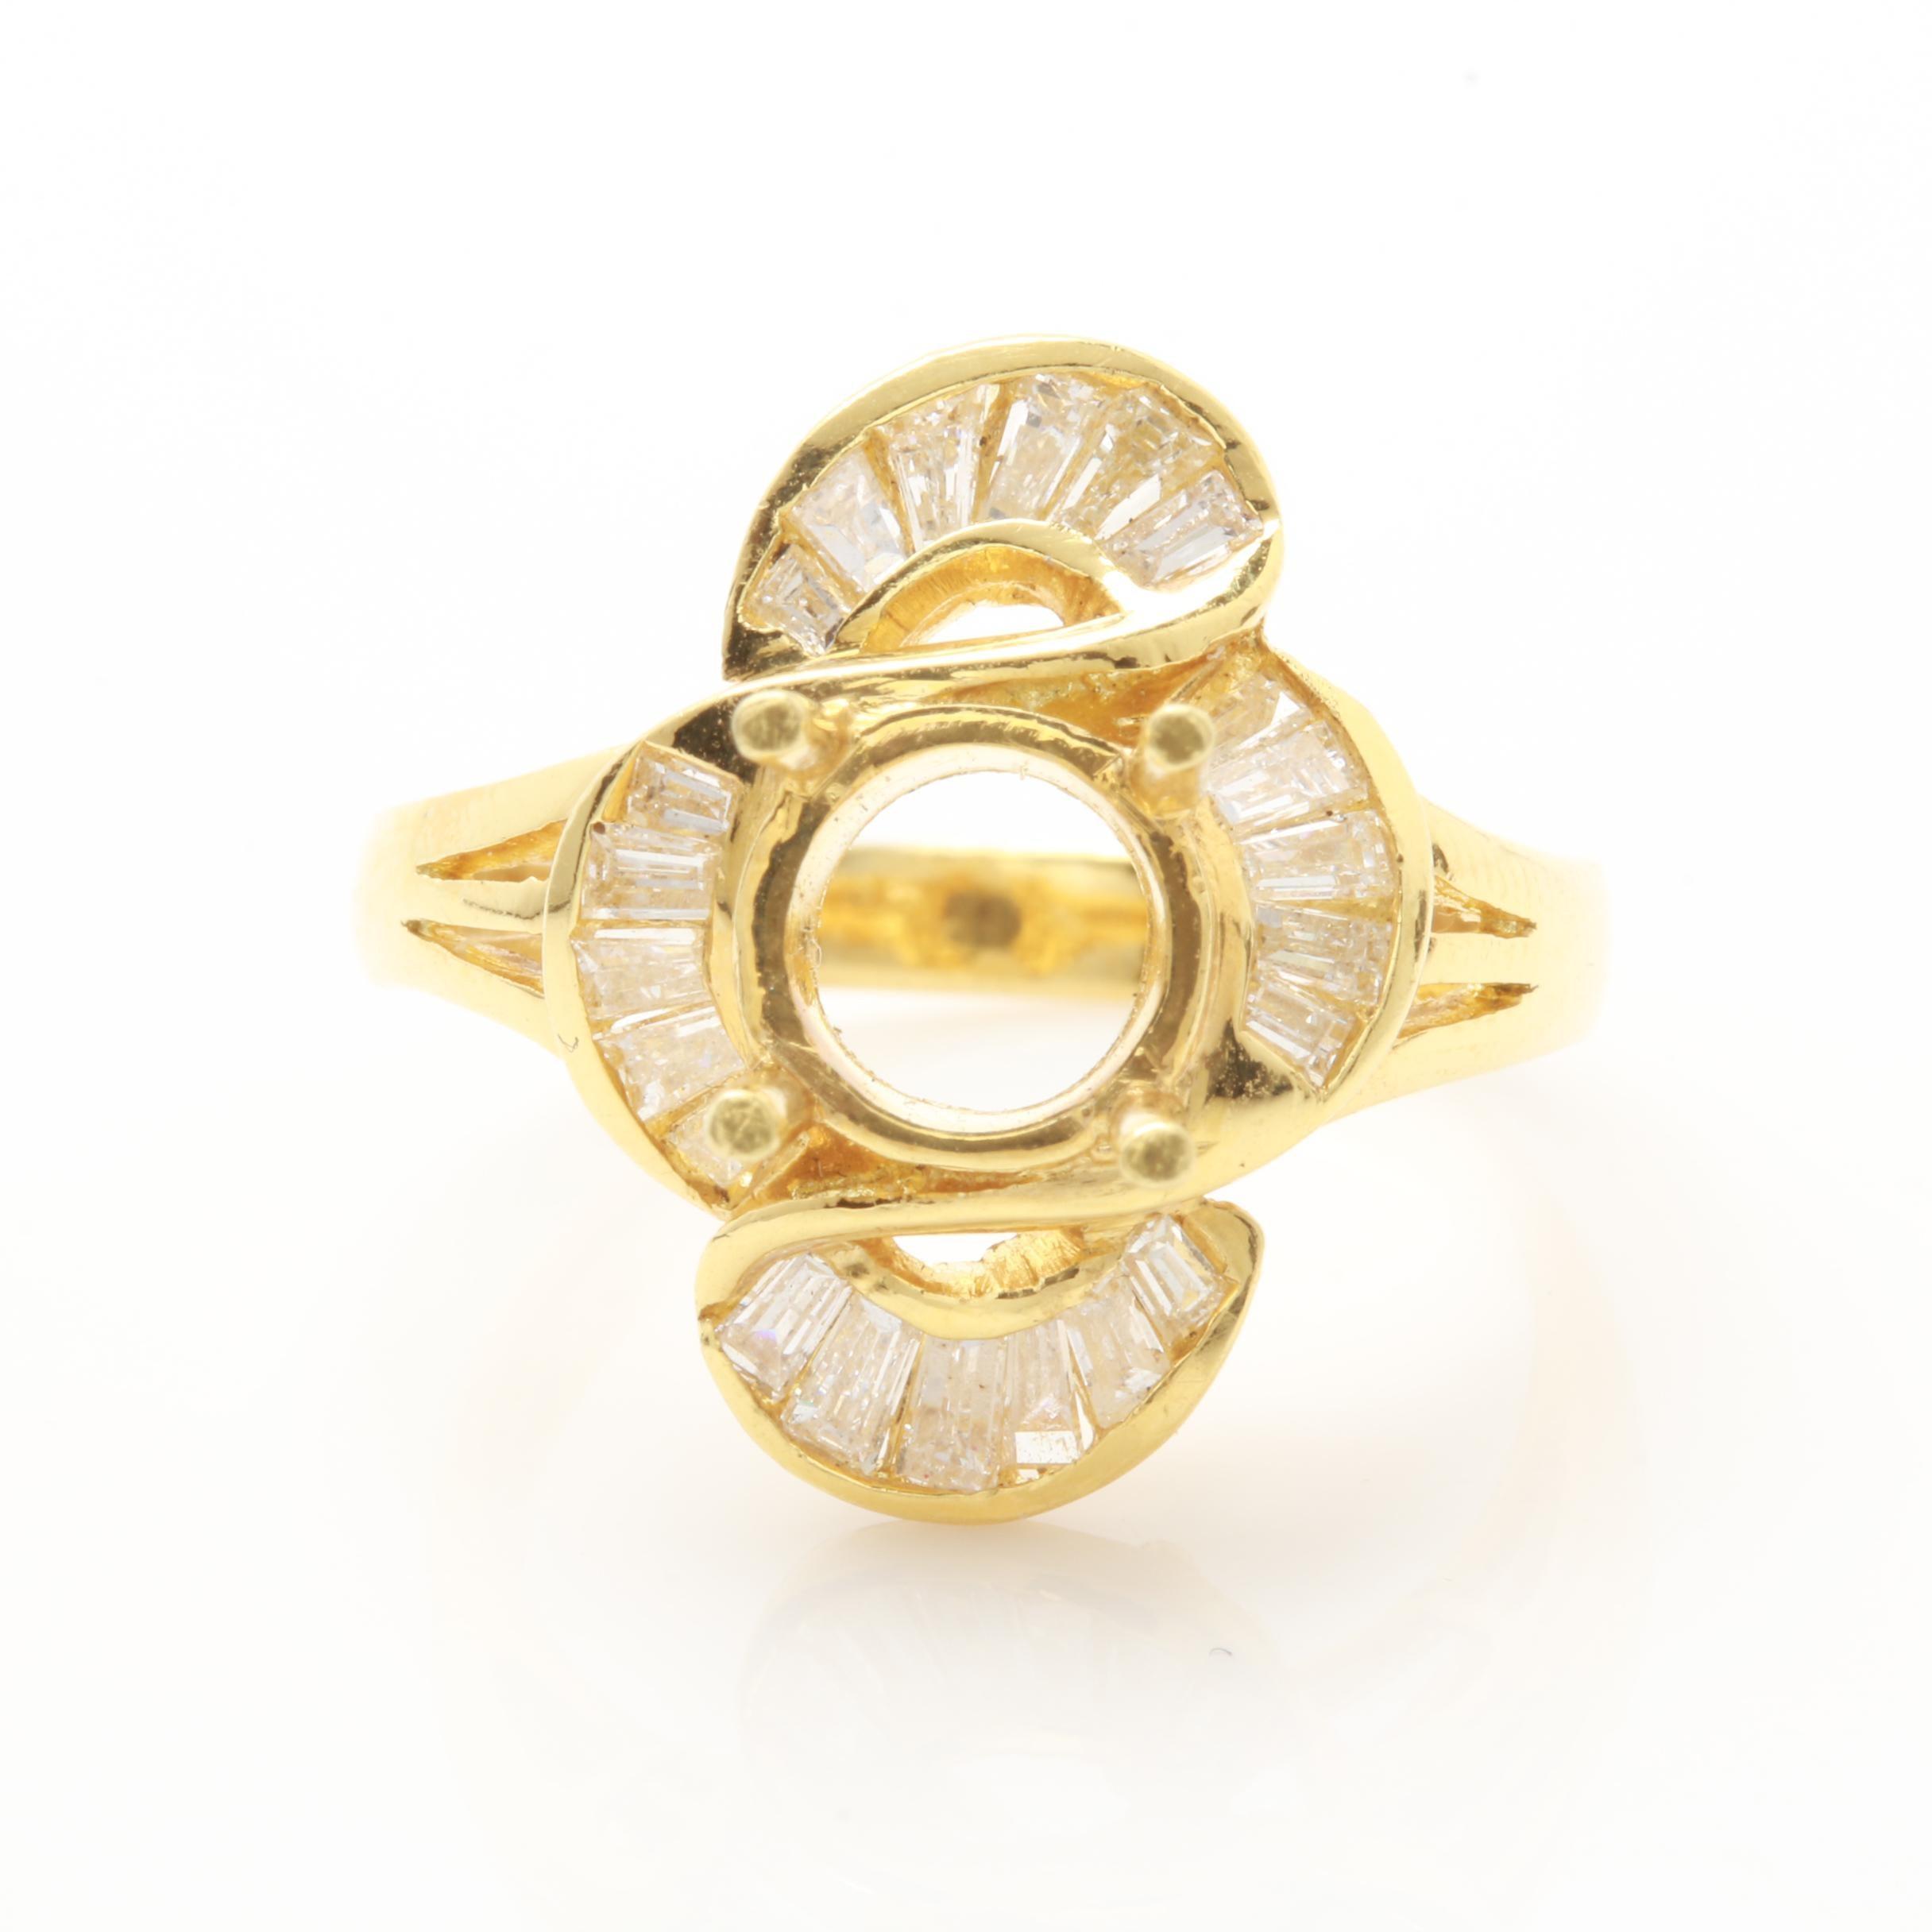 18K Yellow Gold Diamond Ring Mounting